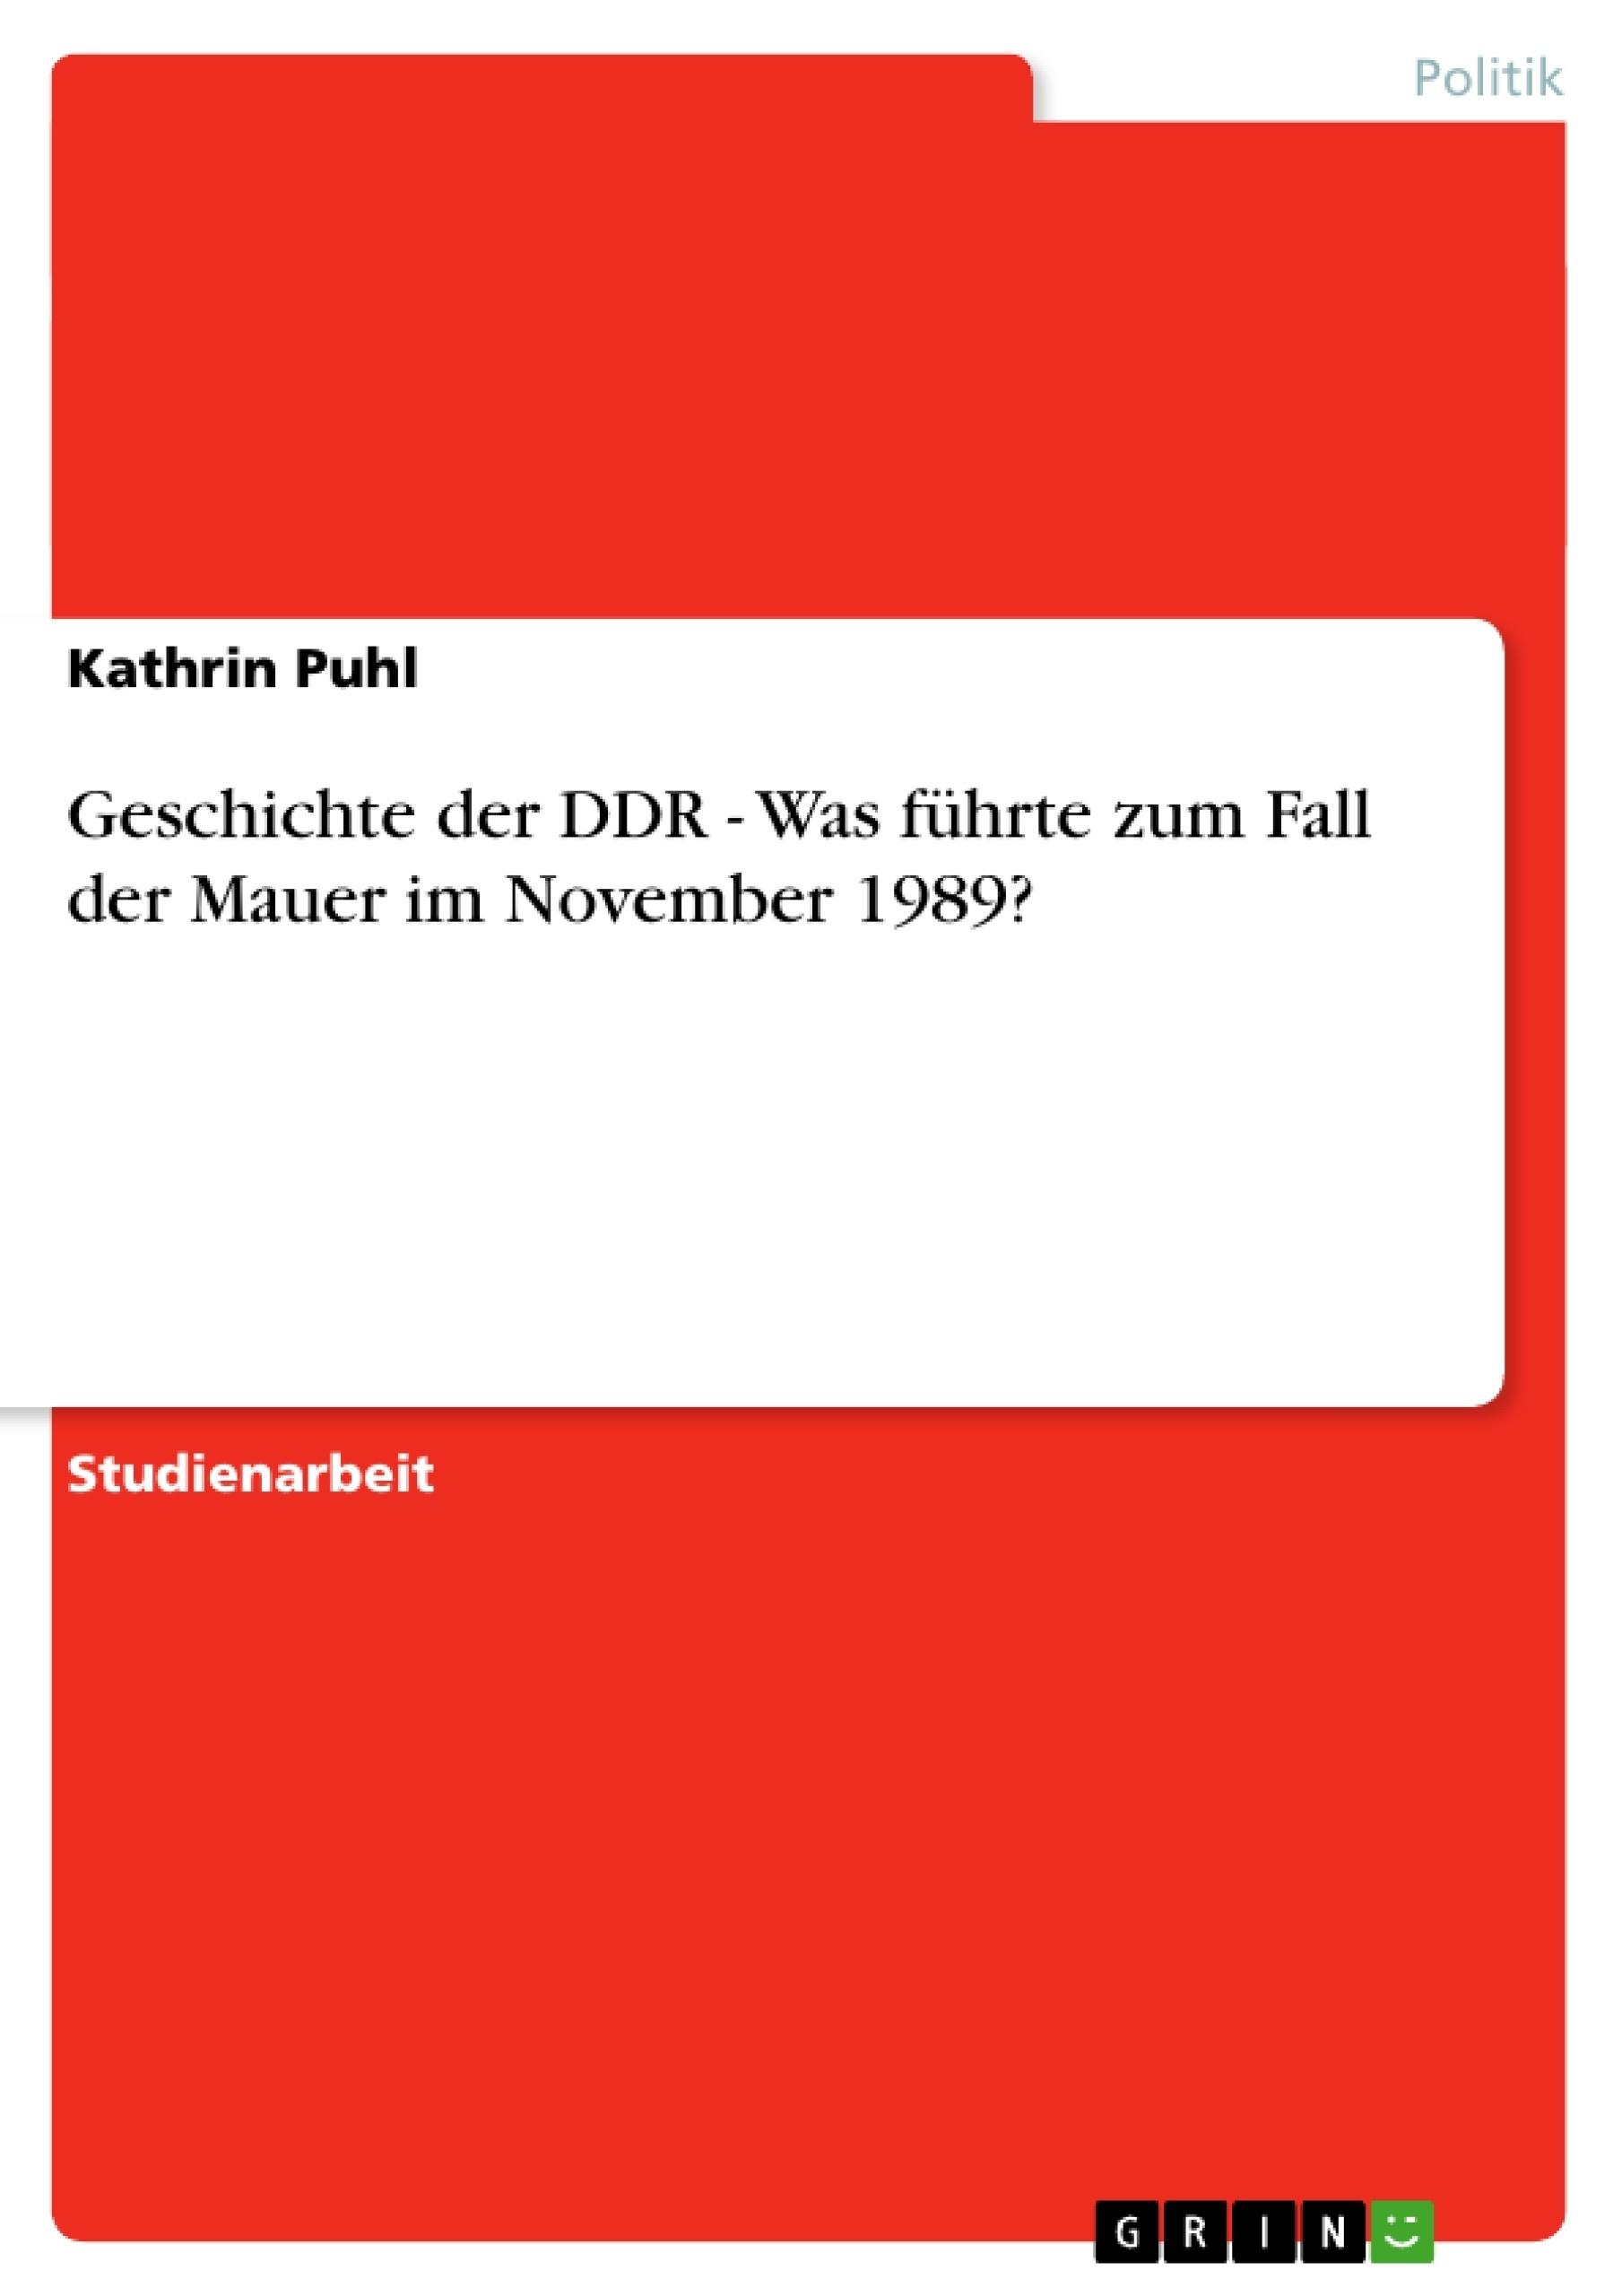 Titel: Geschichte der DDR - Was führte zum Fall der Mauer im November 1989?